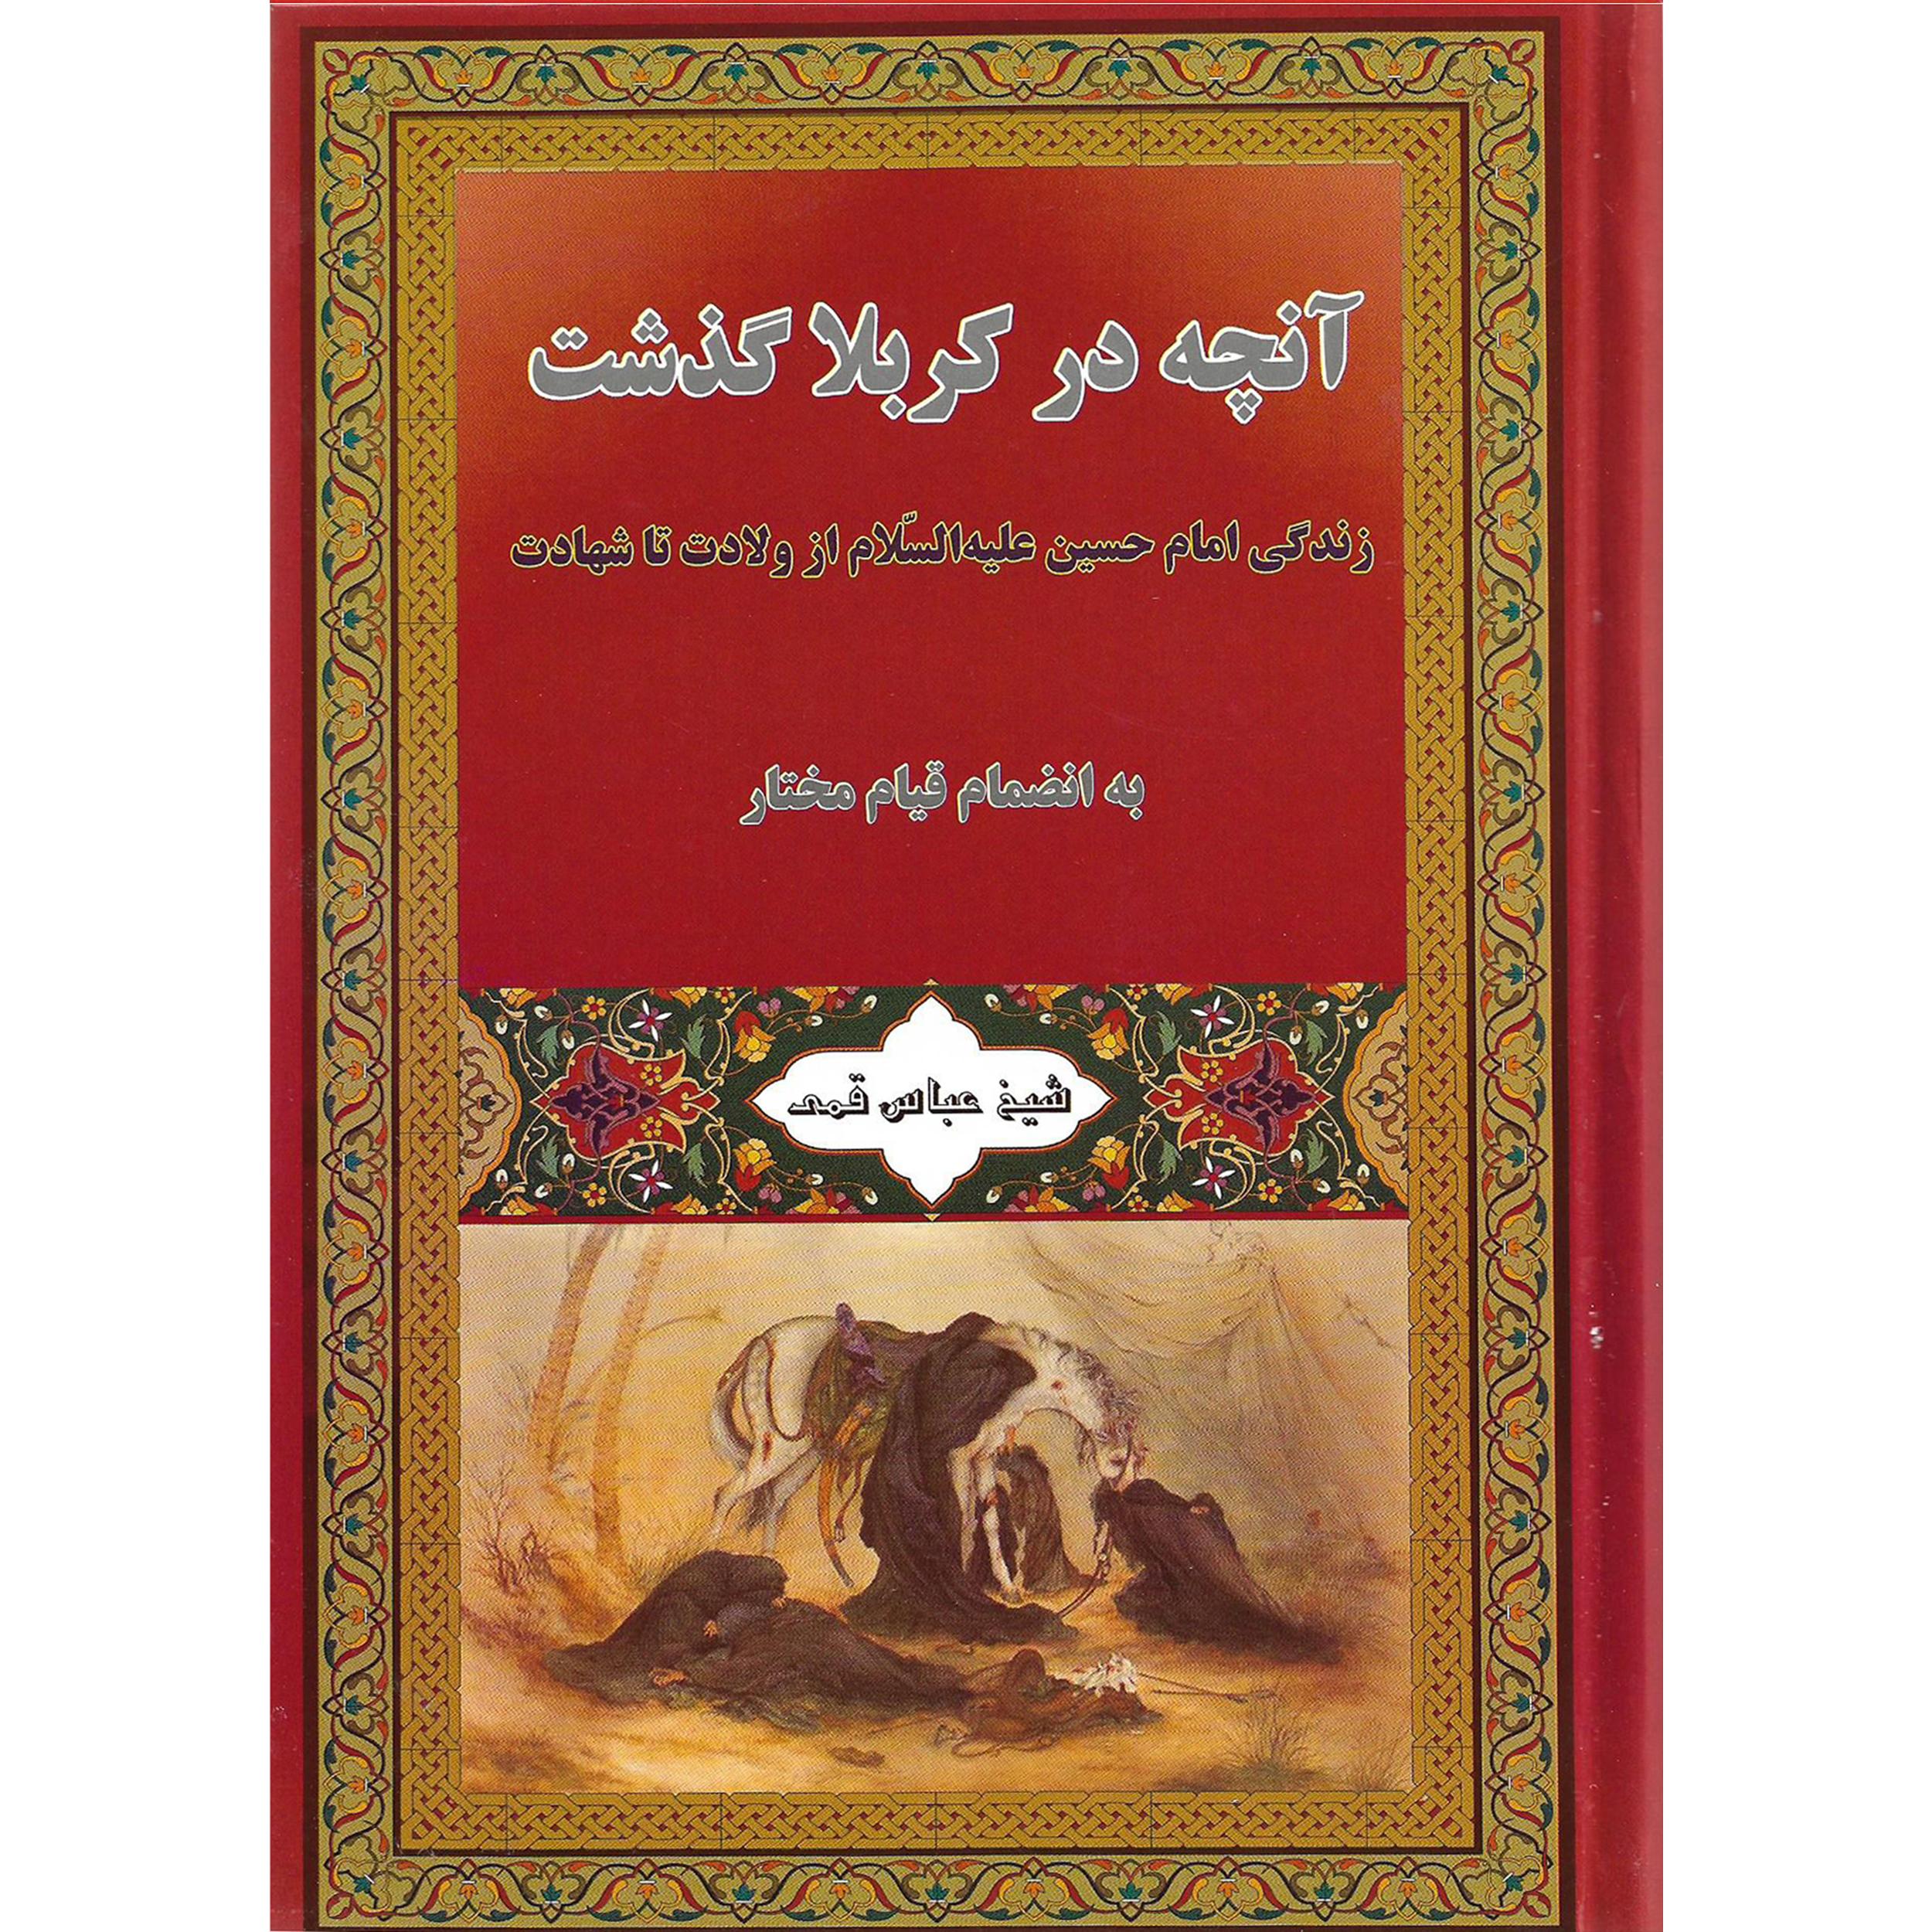 خرید                      کتاب آنچه در کربلا گذشت به انضمام قیام مختار اثر شیخ عباس قمی نشر یادمان اندیشه